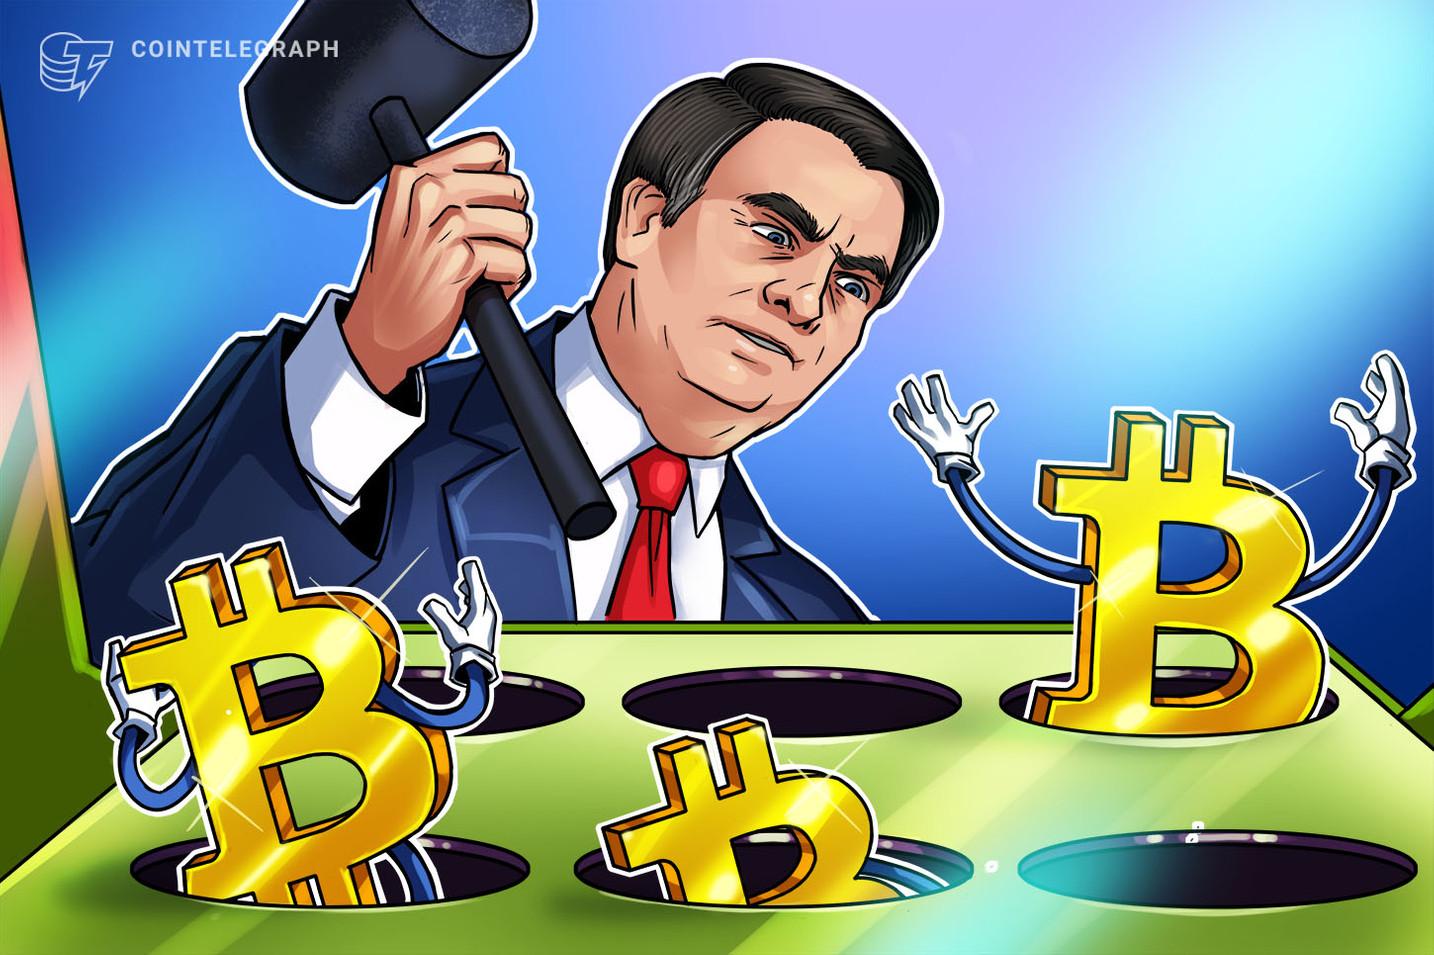 Pirâmides de Bitcoin usam falsas declarações de Jair Bolsonaro para atrair vítimas